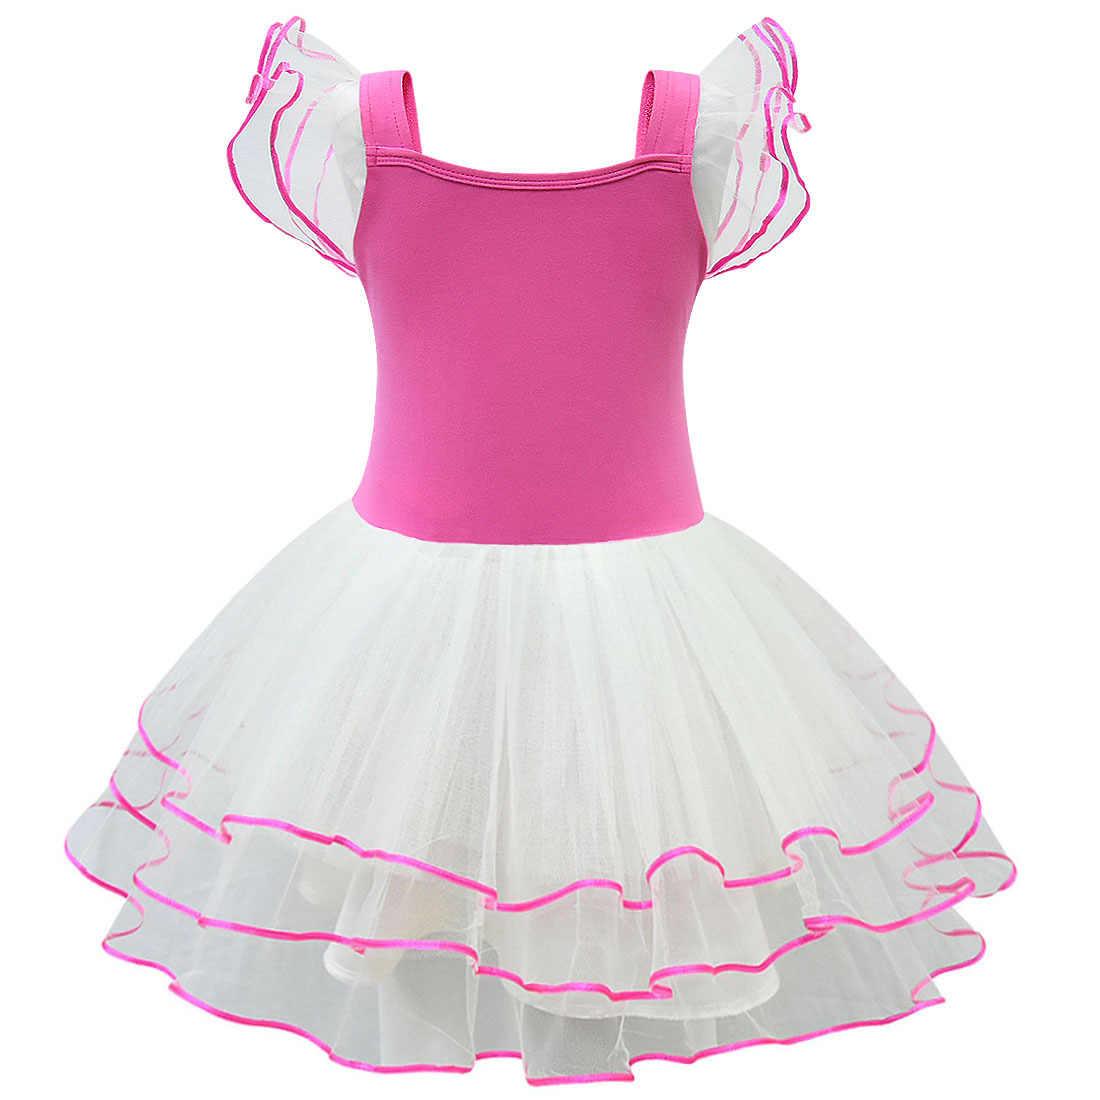 Новое платье для девочек; детская сетчатая многослойная юбка в стиле принцессы; костюм куклы с героями мультфильмов